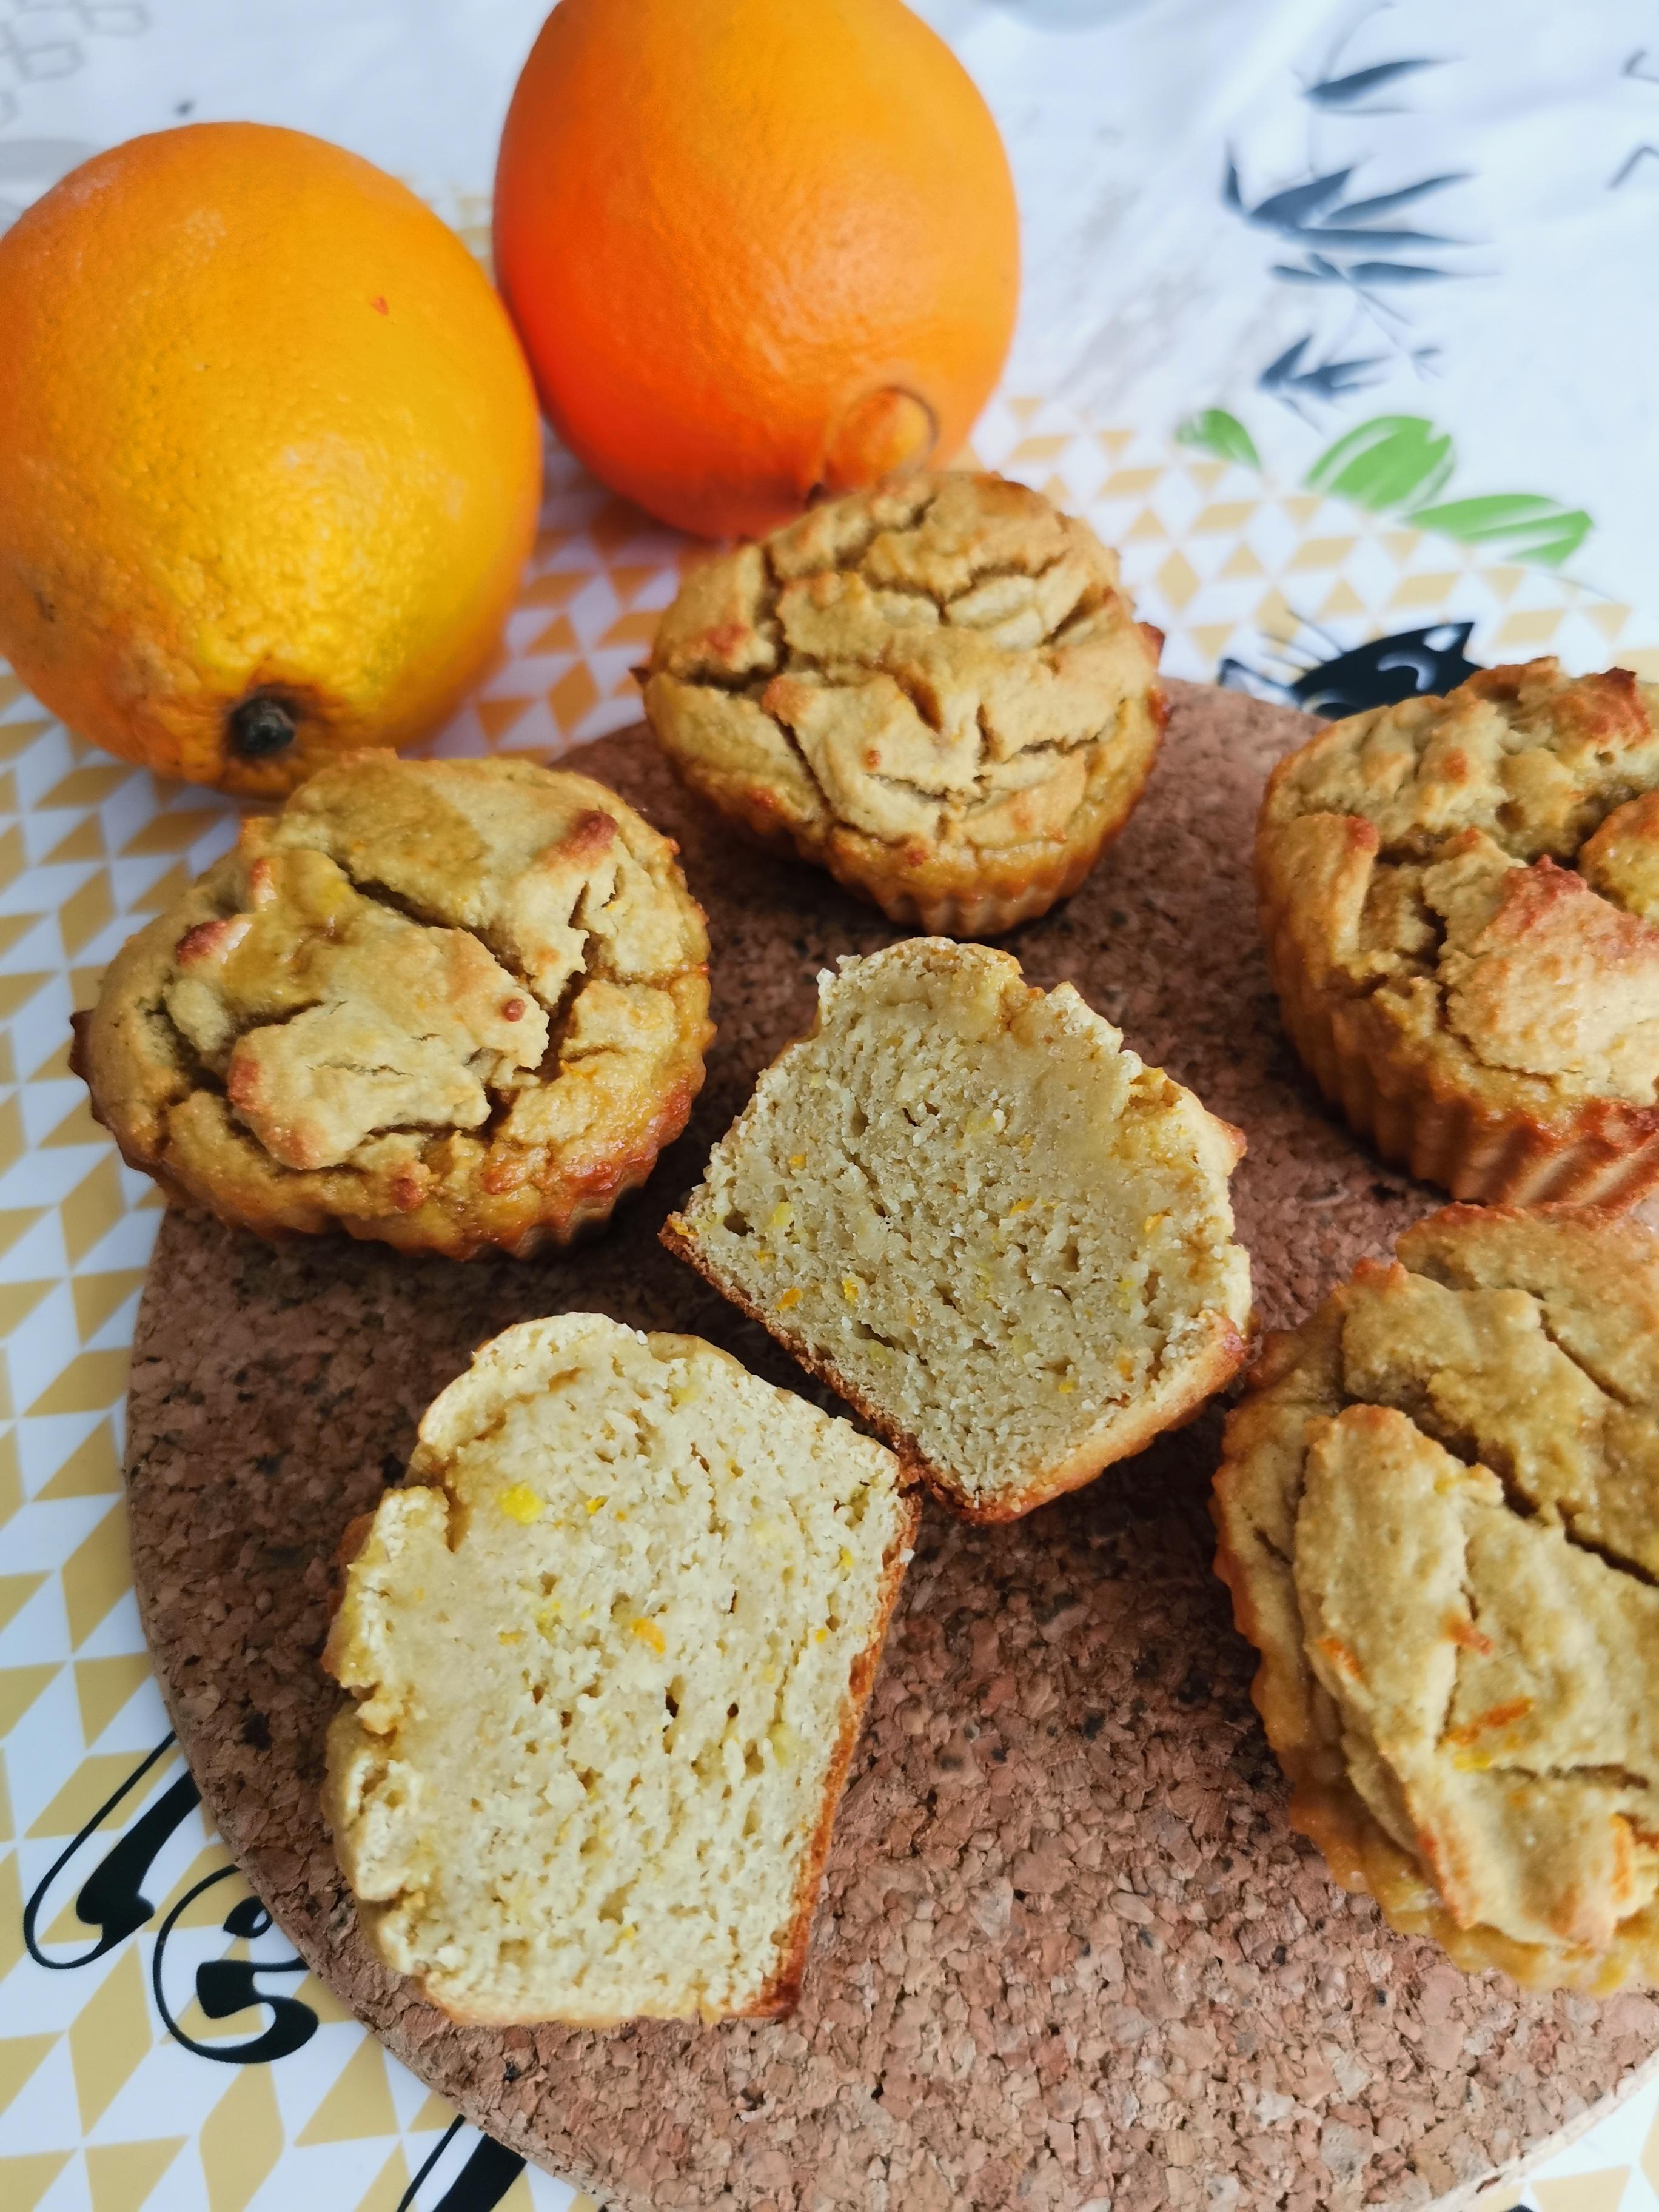 muffins à l'orange vegan sans gluten sans gras ajouté medical medium compatibles